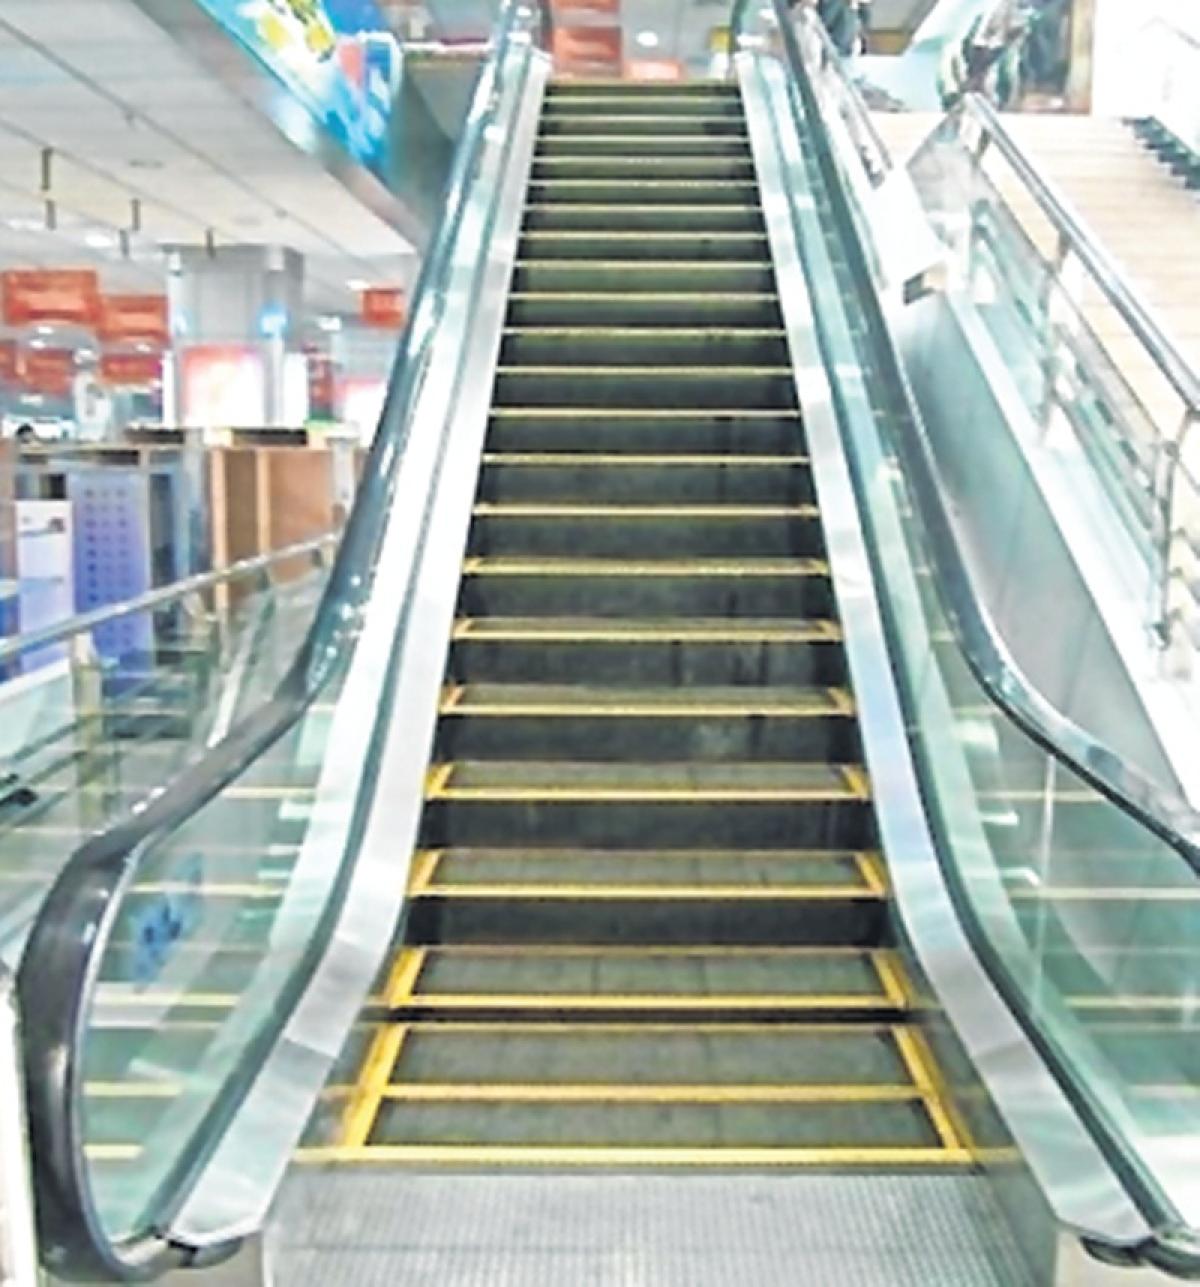 Mumbai: Escalators to be installed at Churchgate and CSMT subways